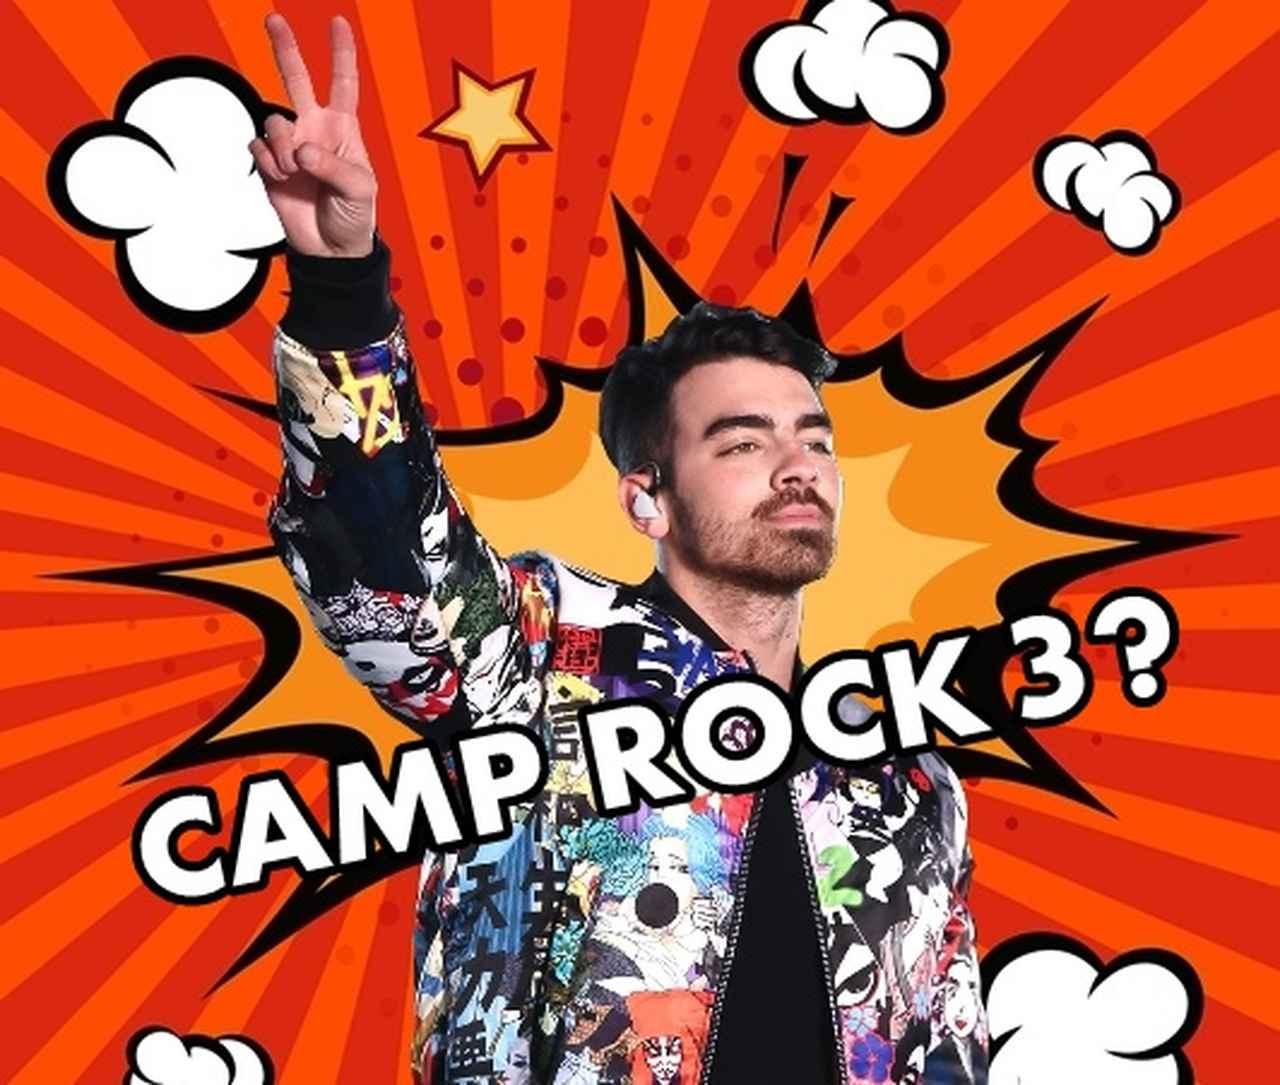 キャンプ ロック 続編制作を主演のジョーが熱望するも なぜかファンが